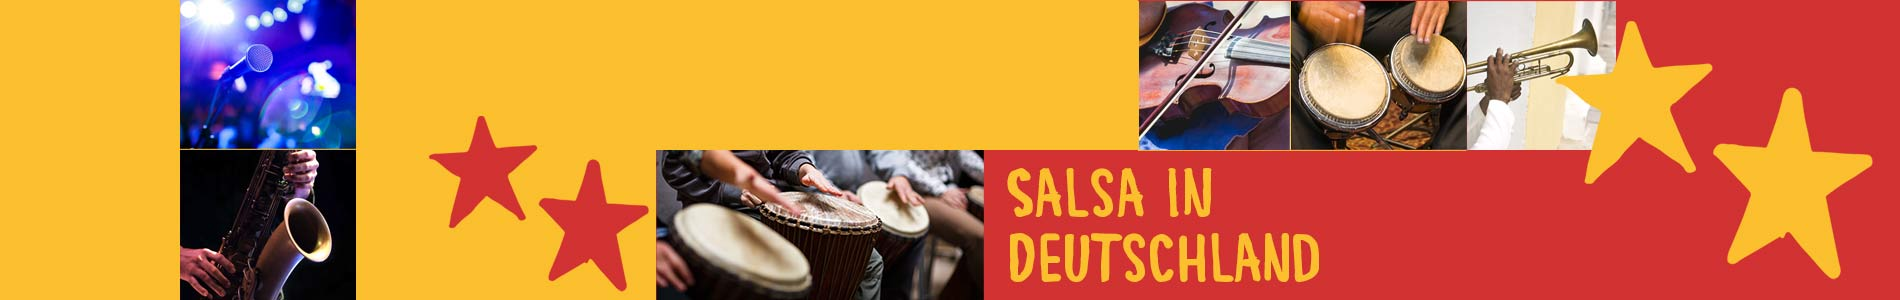 Salsa in Crottendorf – Salsa lernen und tanzen, Tanzkurse, Partys, Veranstaltungen